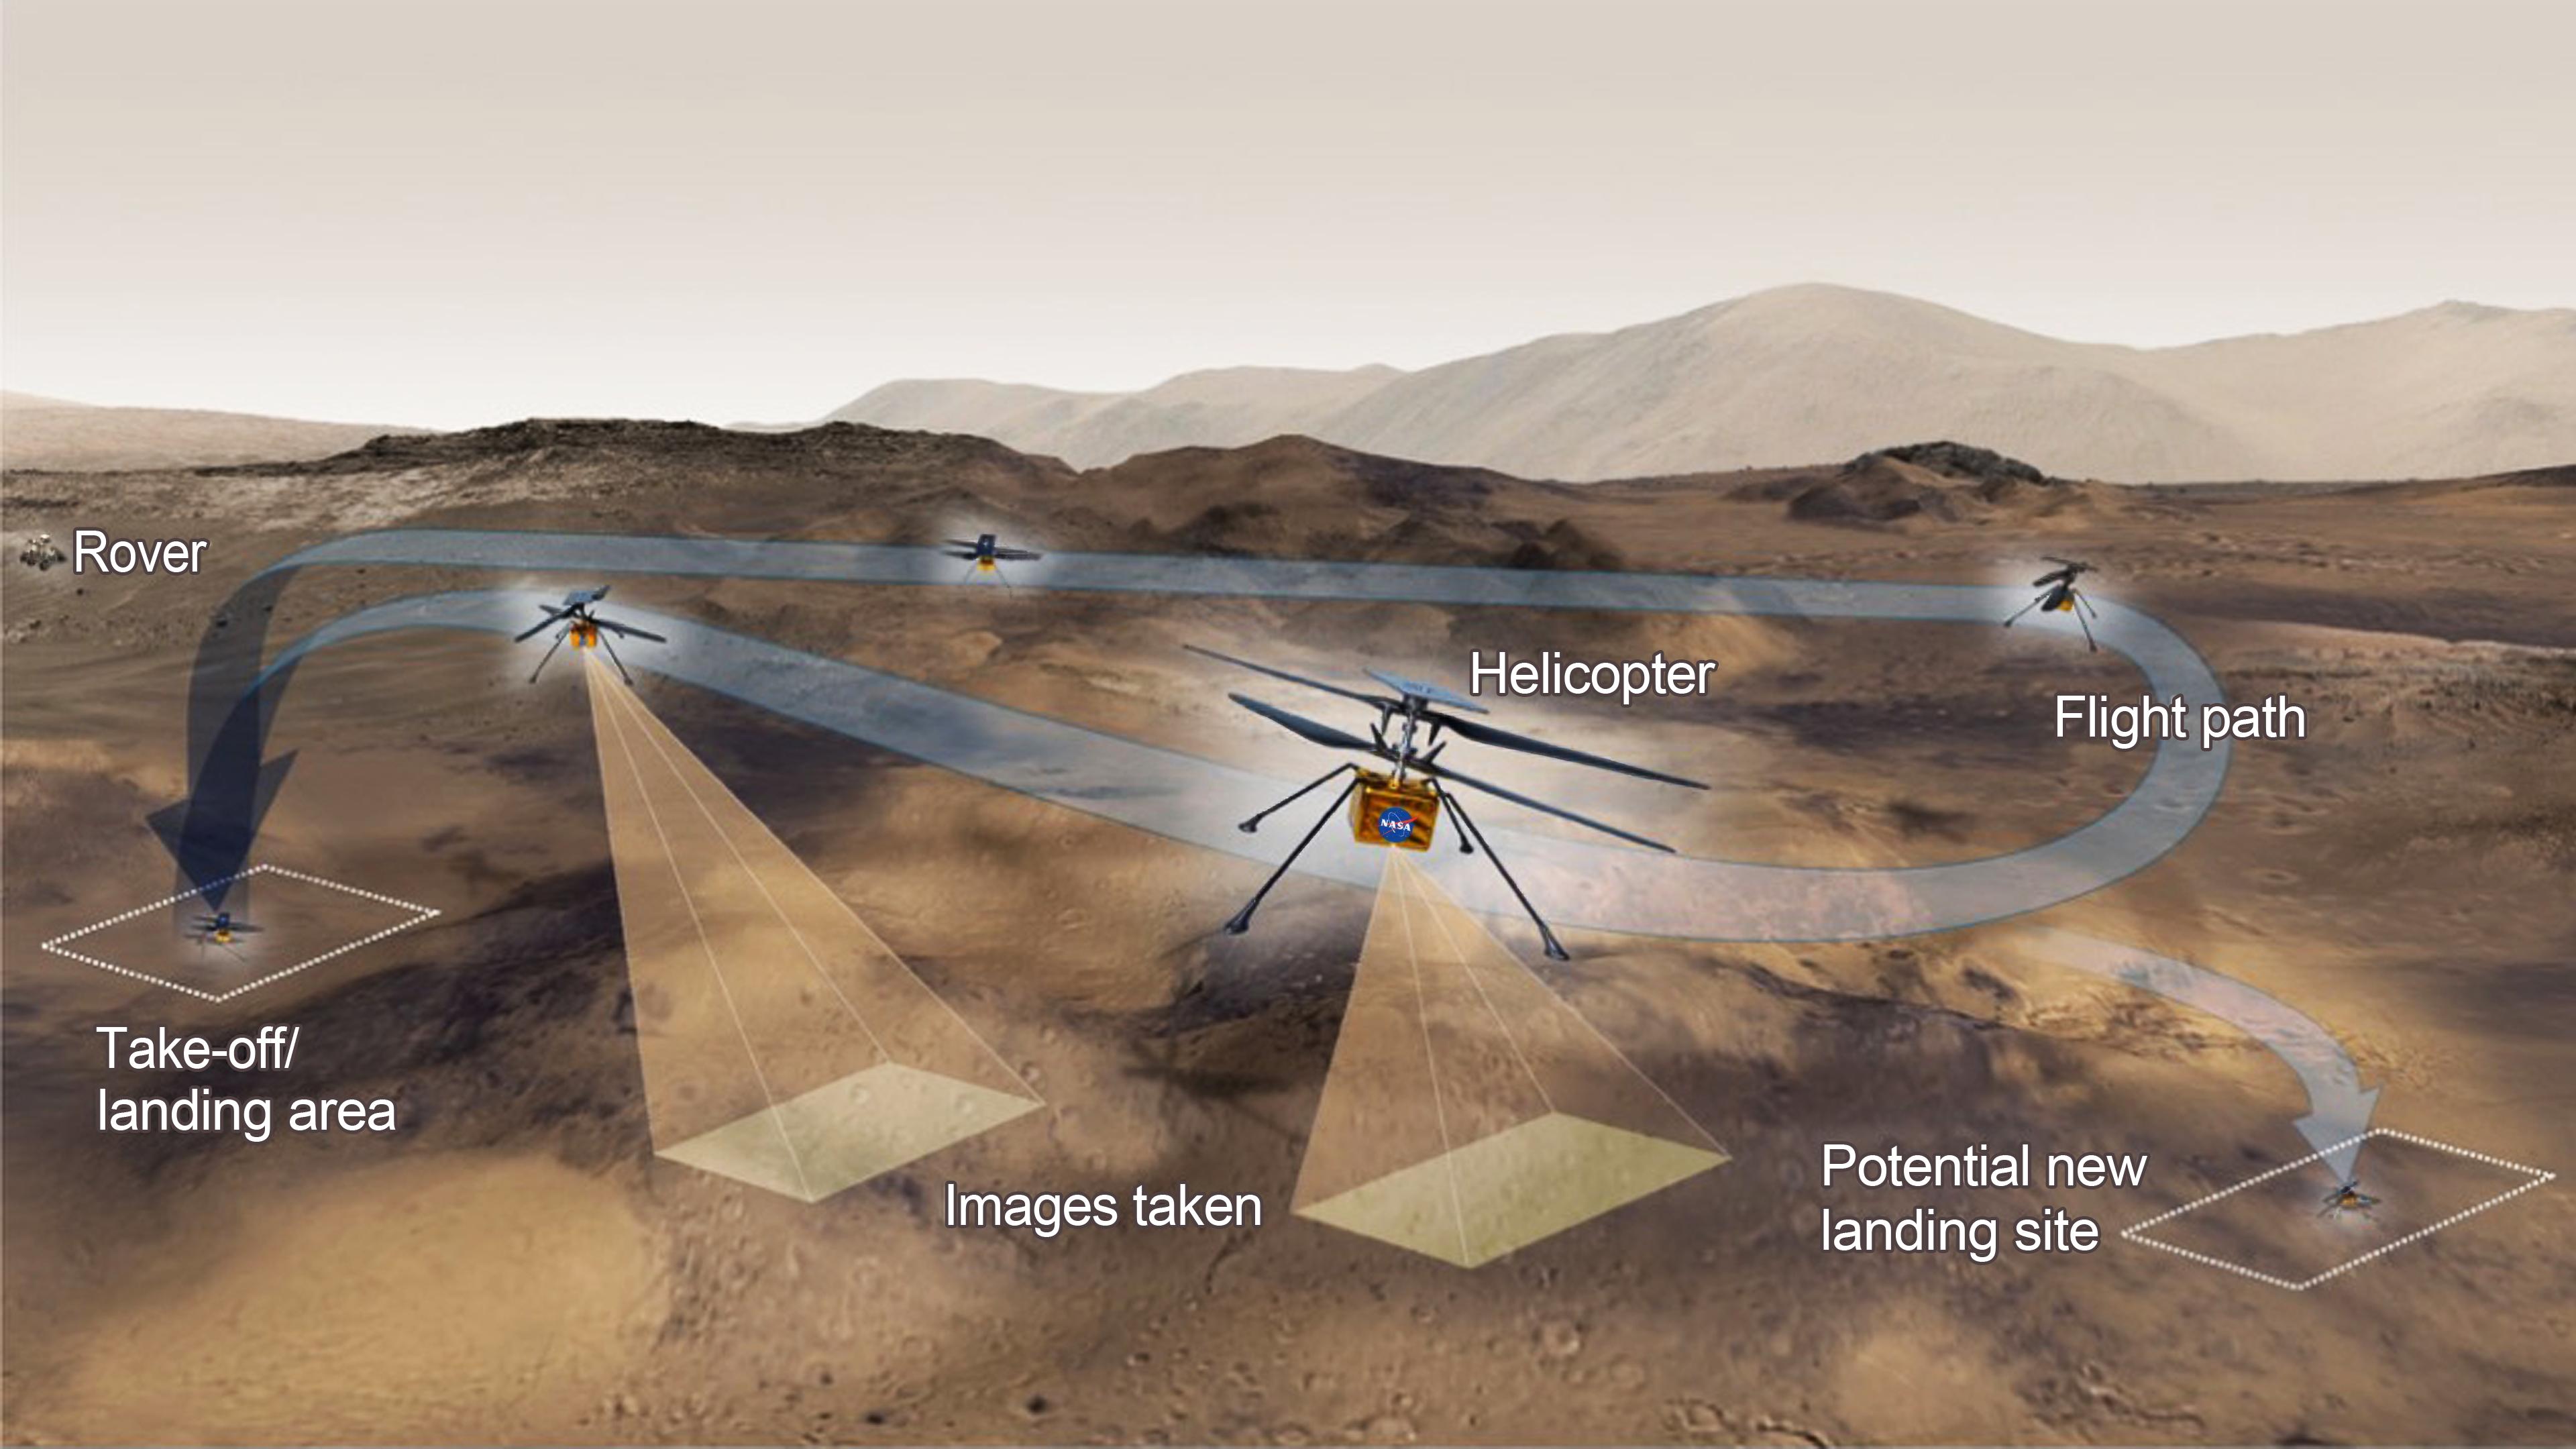 Ce graphique montre les activités générales que l'équipe derrière l'hélicoptère Ingenuity Mars de la NASA espère accomplir lors d'un vol d'essai donné sur la planète rouge.